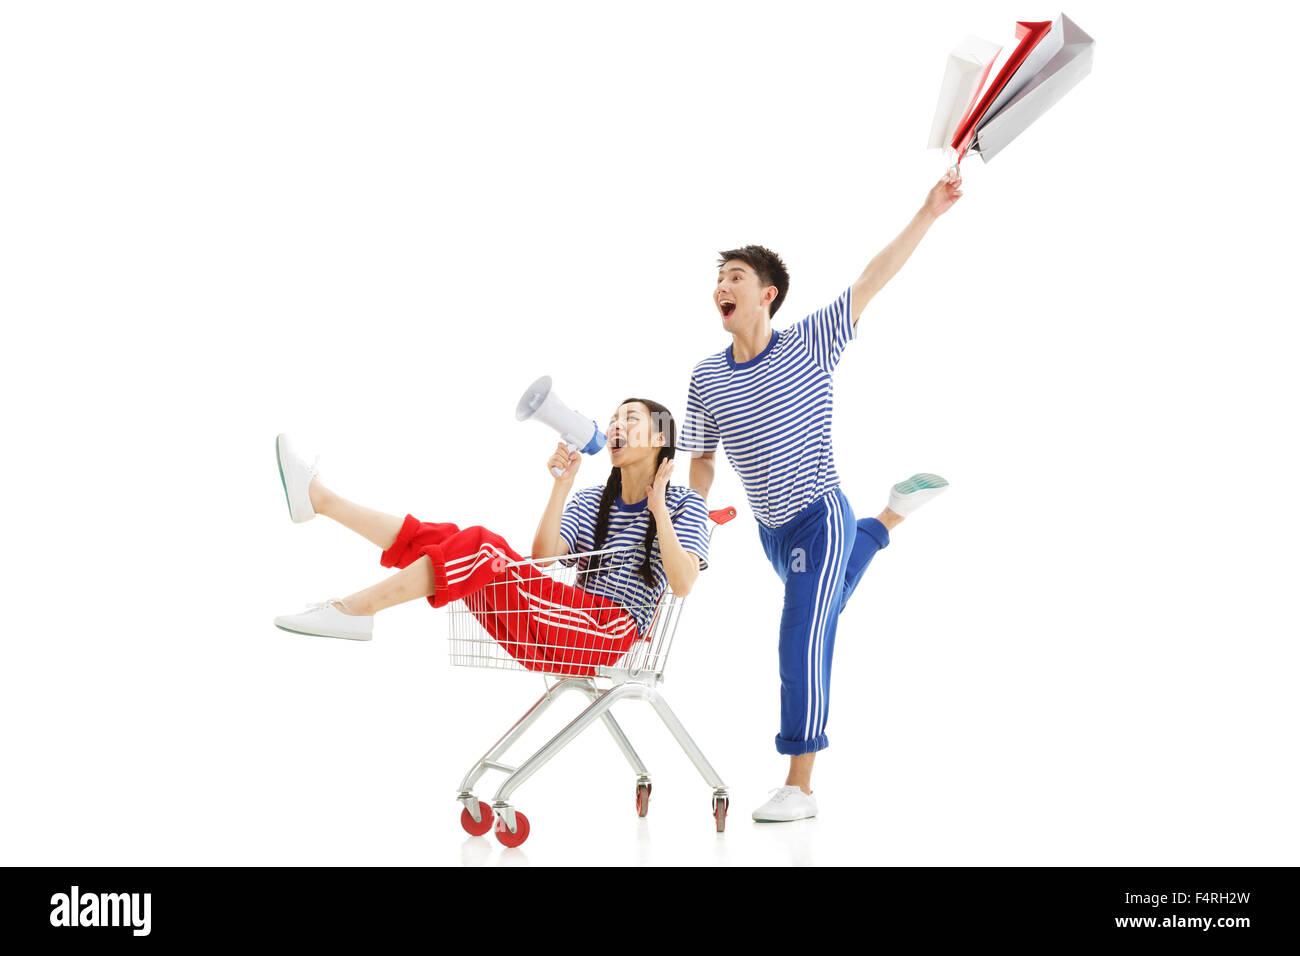 Glückliches junges Paar schieben ein Einkaufswagens Stockfoto